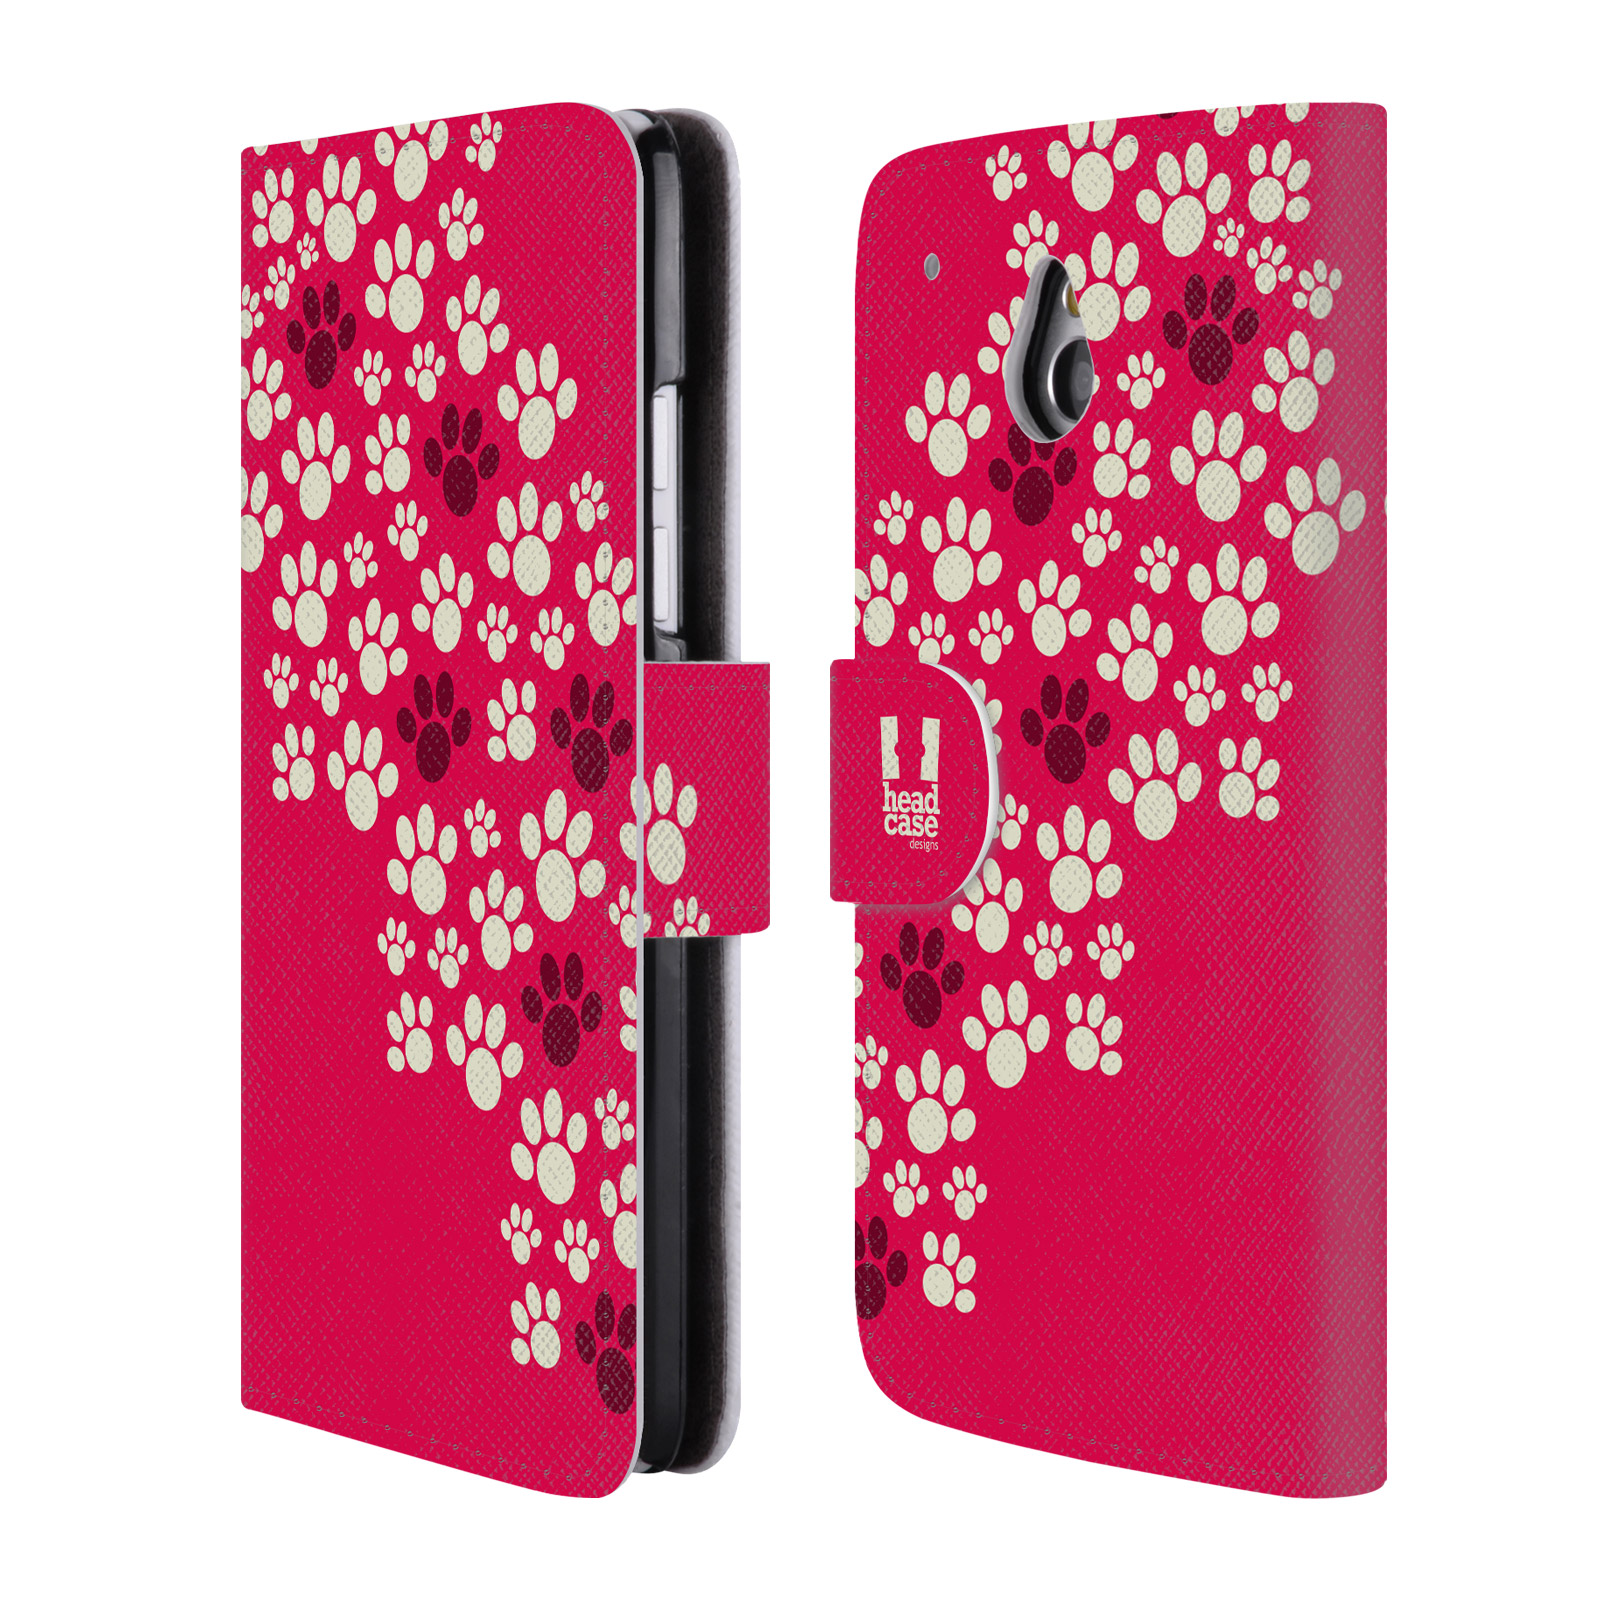 HEAD CASE Flipové pouzdro pro mobil HTC ONE MINI (M4) Pejsek ťapky růžová barva